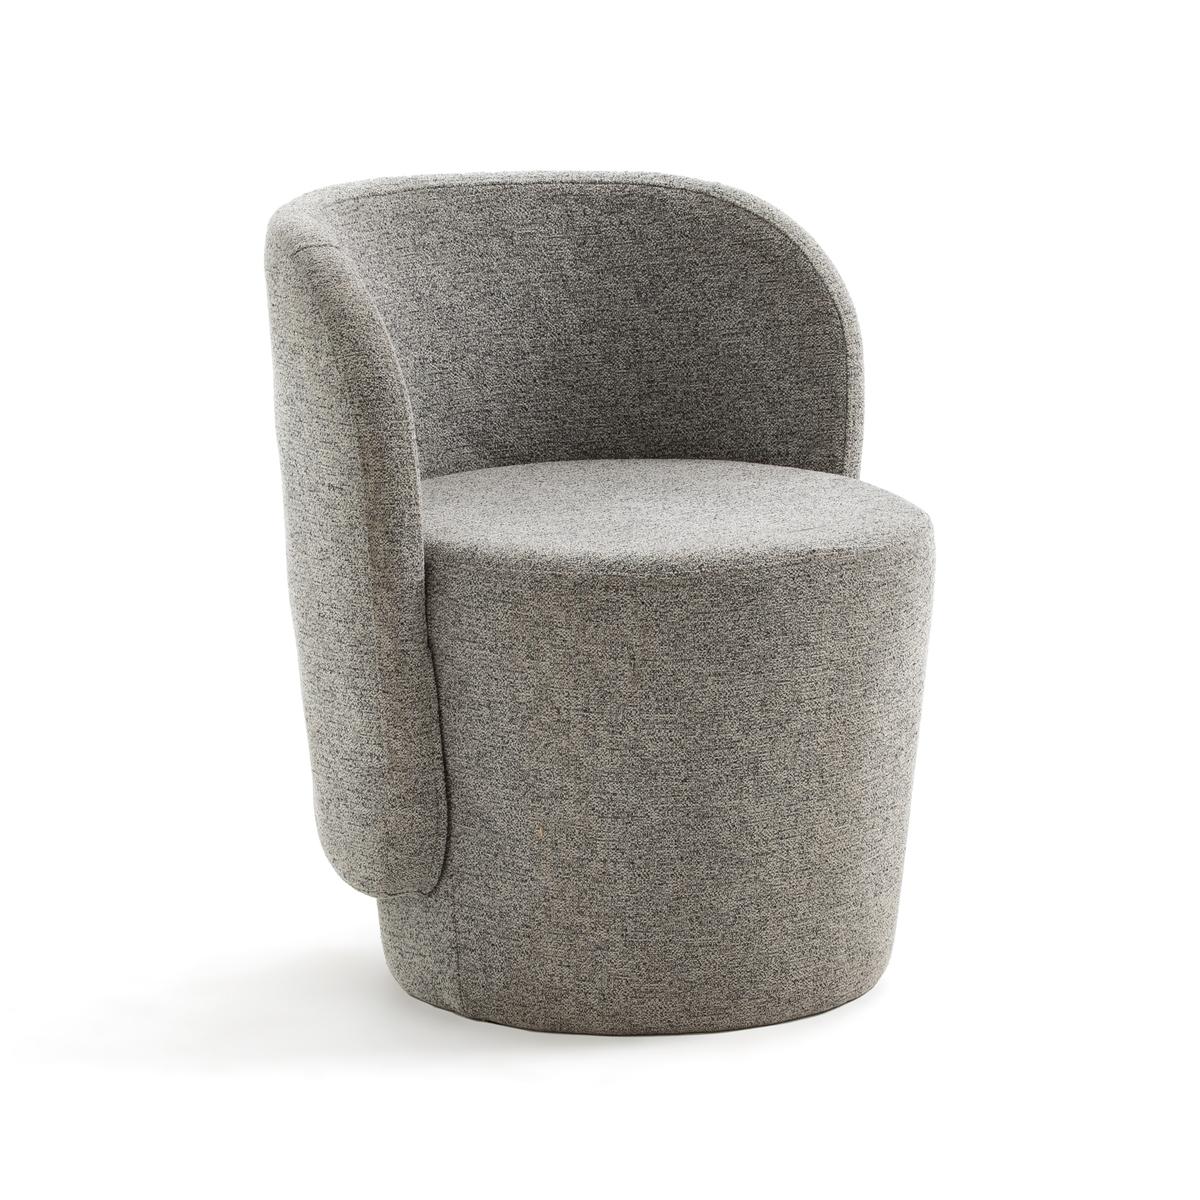 Кресло La Redoute Компактное Belfort единый размер серый цена